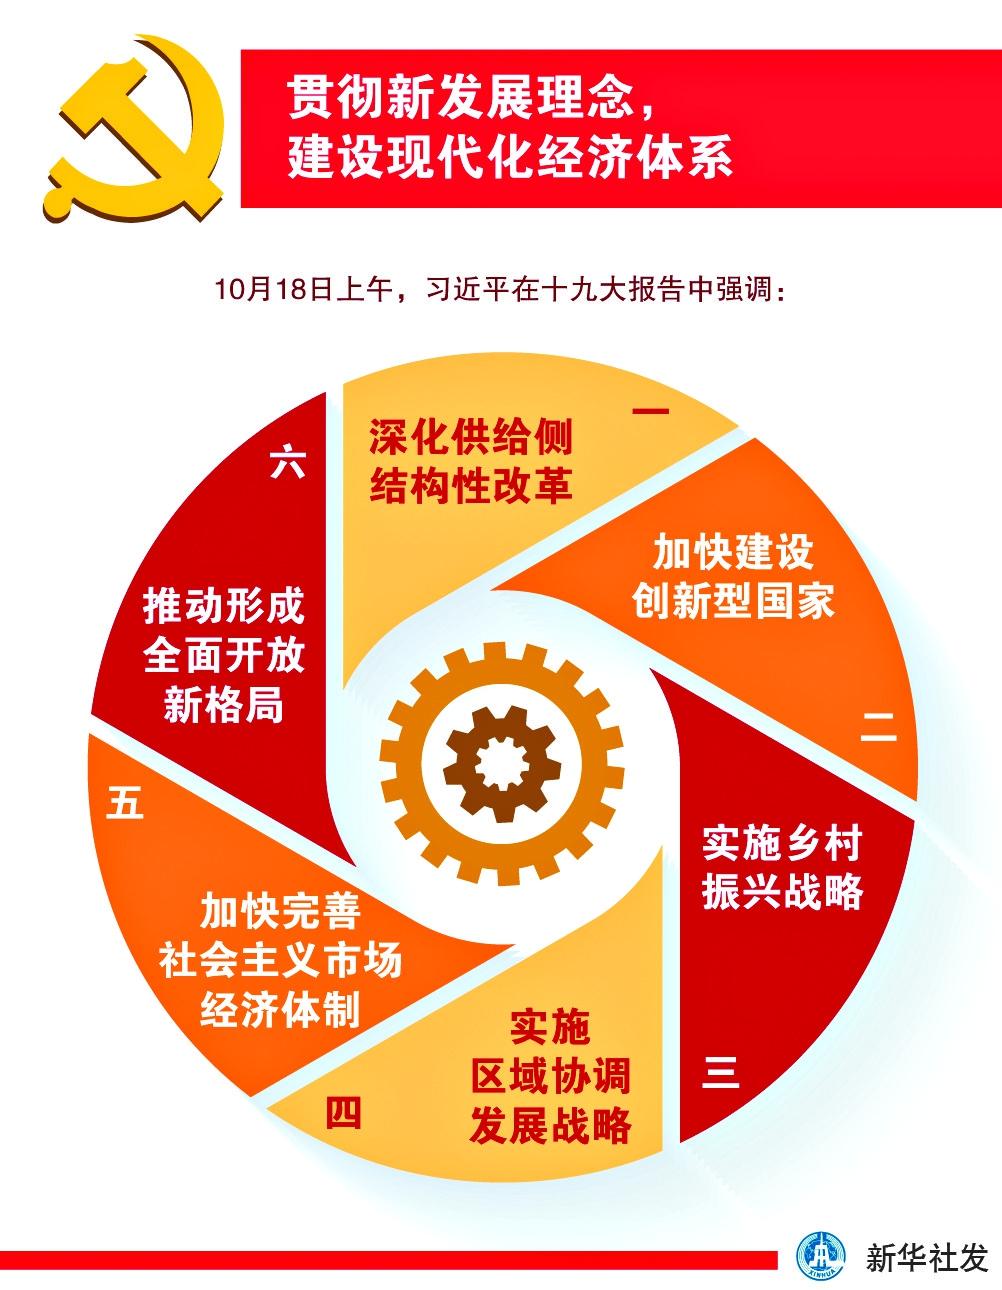 贯彻新发展理念建设现代化经济体系